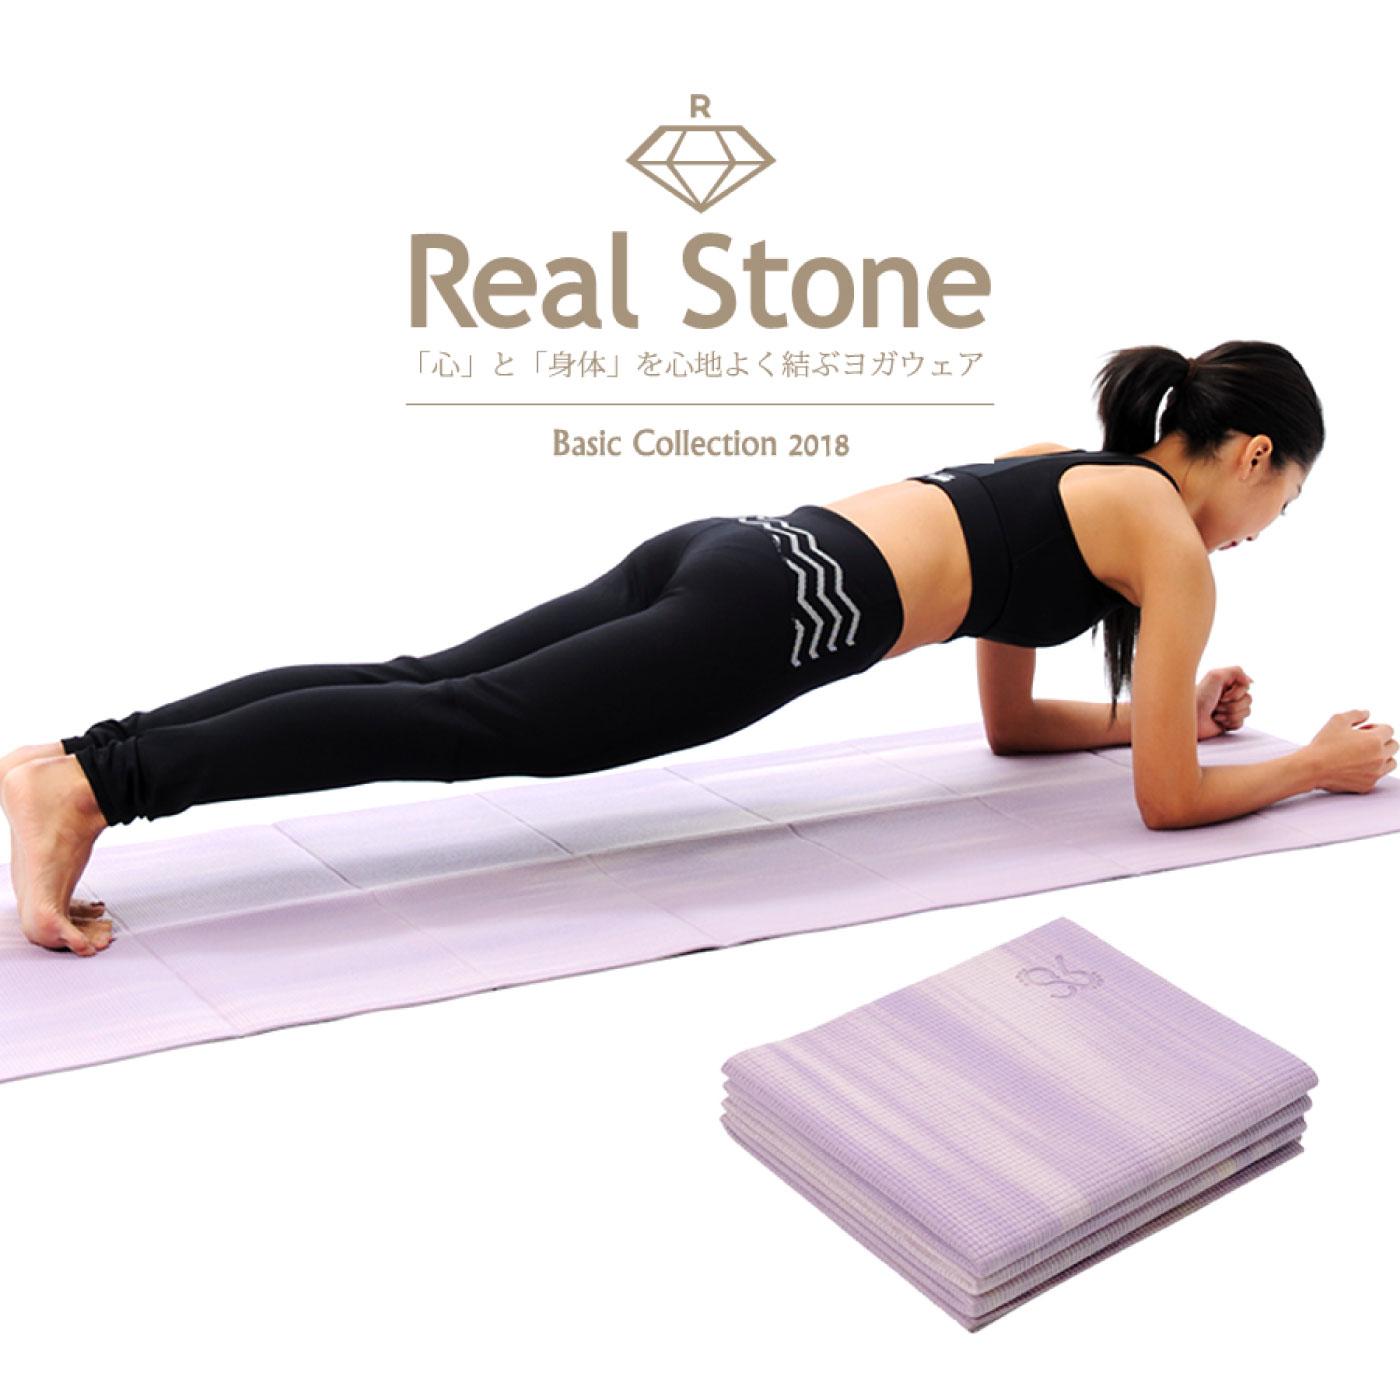 Real Stone コンパクトに携帯できる 折りたたみヨガマット